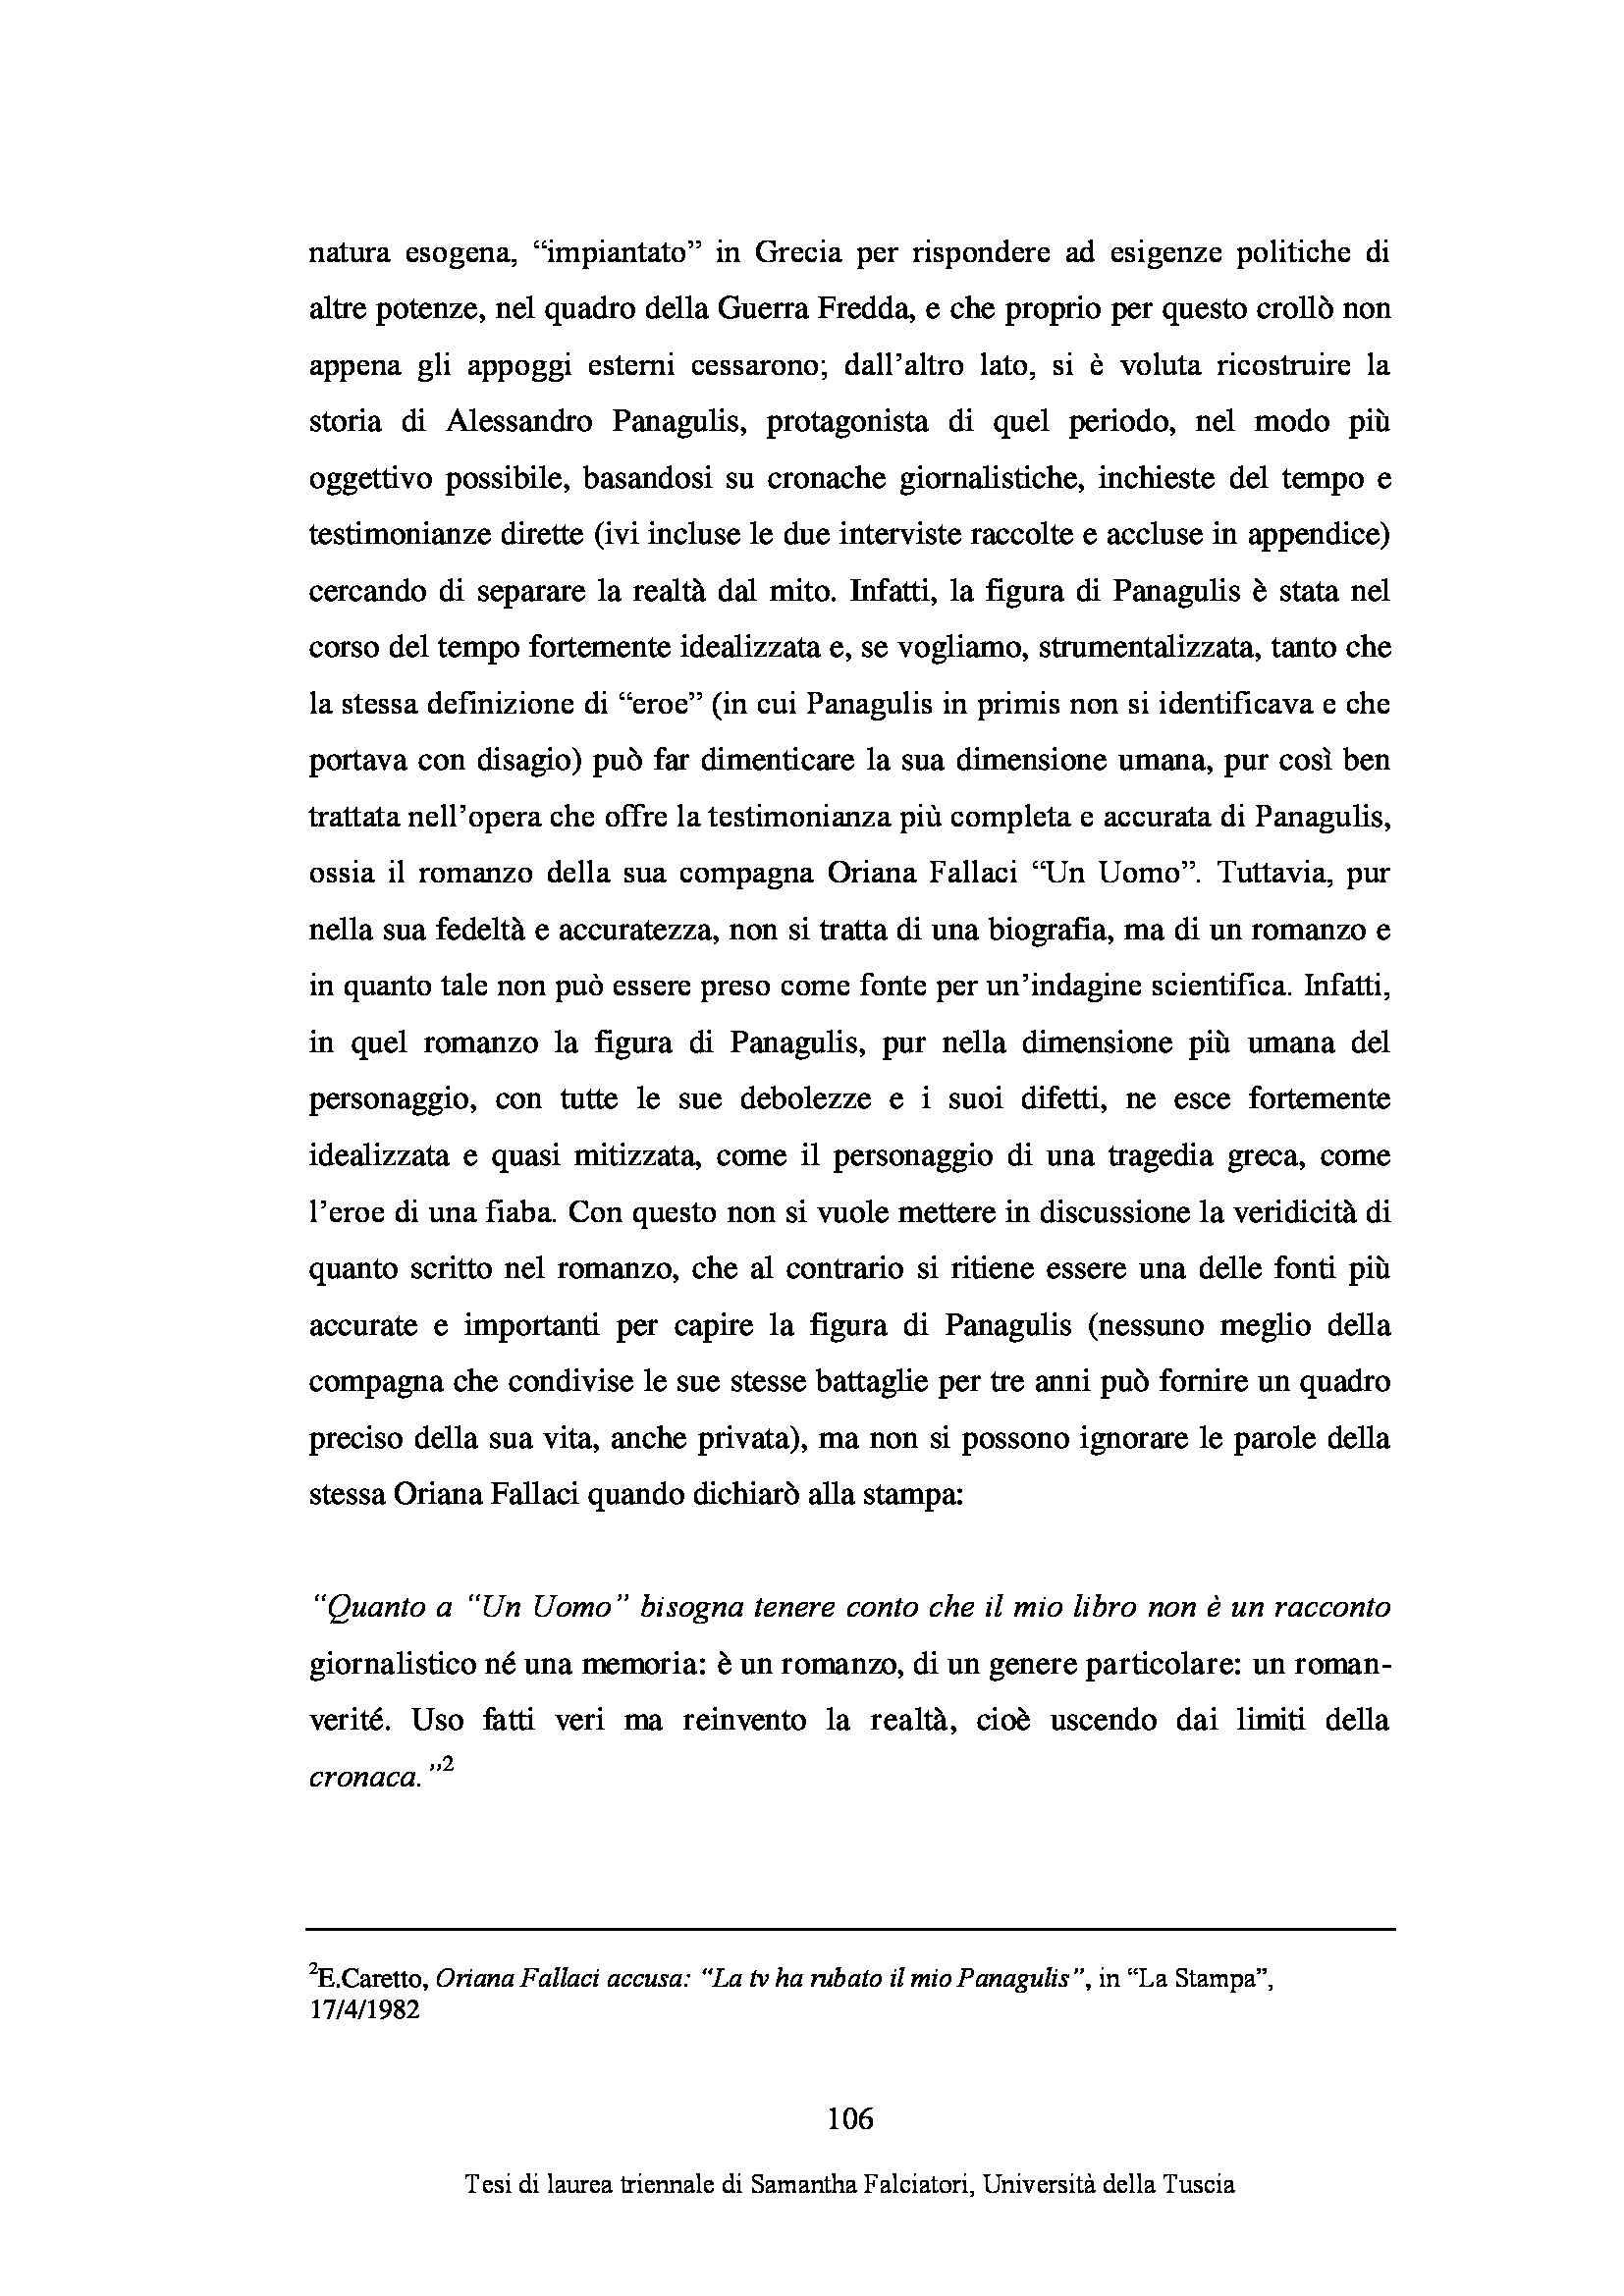 Tesi triennale - Alessandro Panagulis Pag. 111